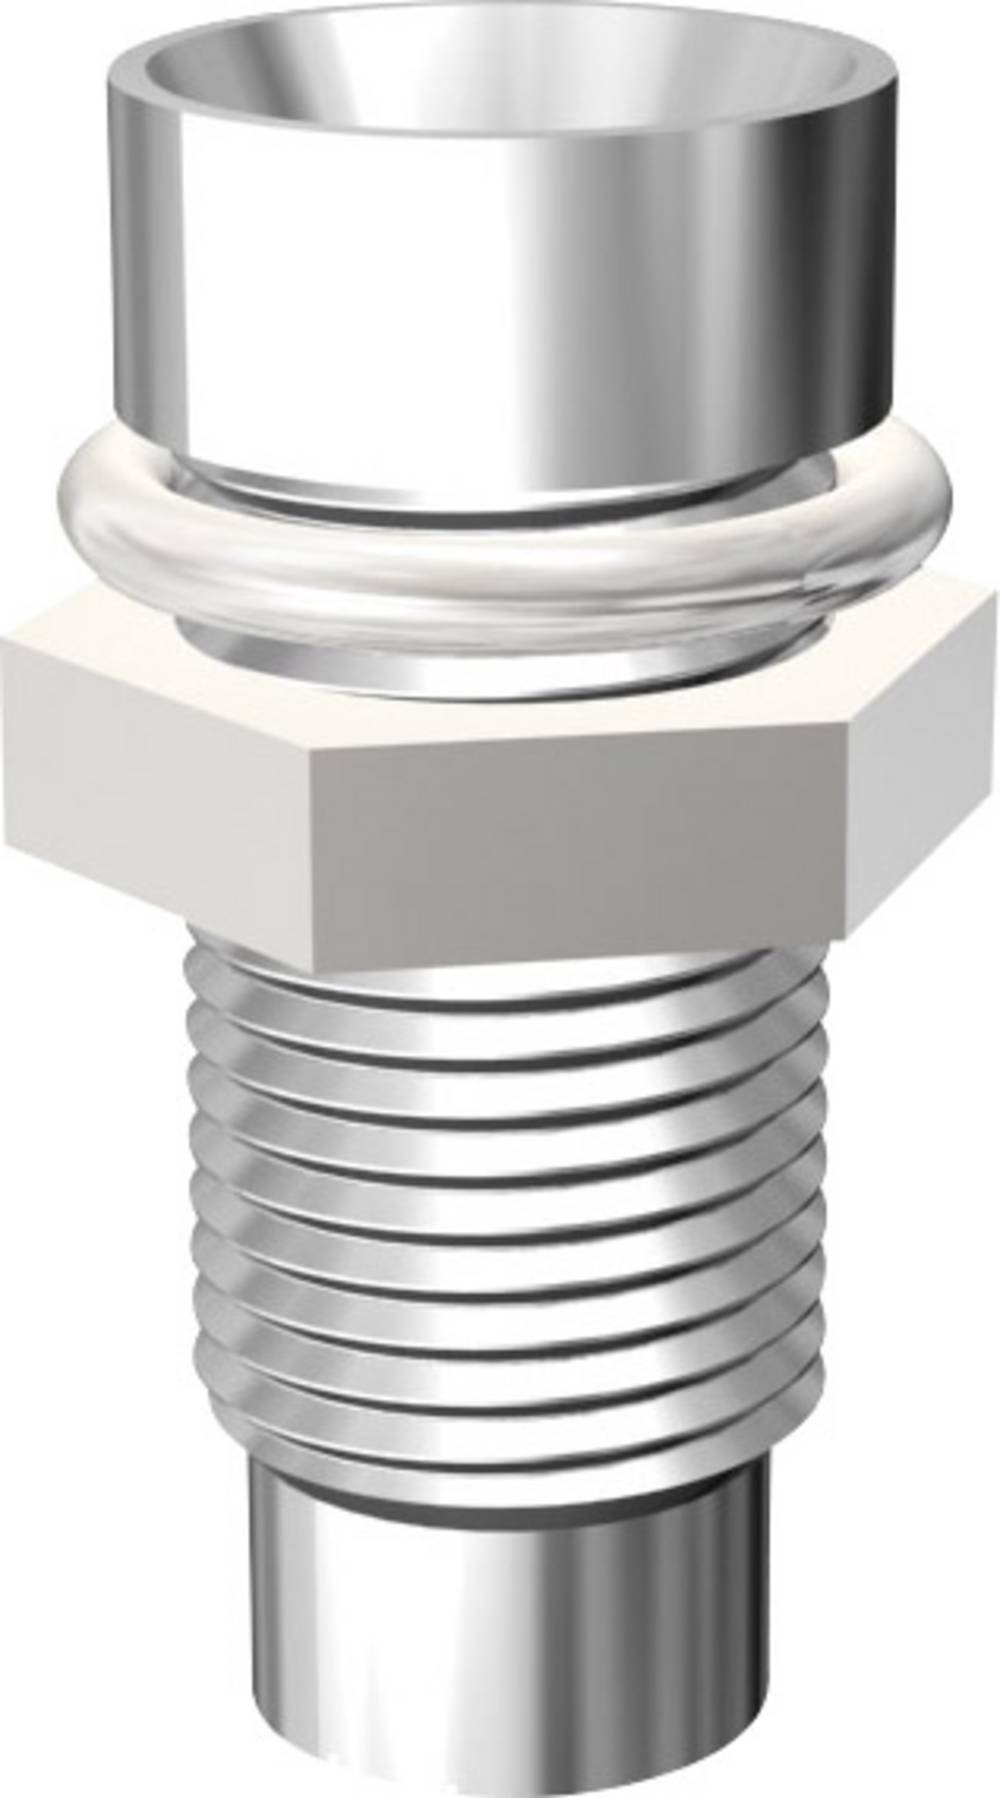 LED-fatning Metal Passer til LED 3 mm Skruefastgørelse Signal Construct SMZ1069